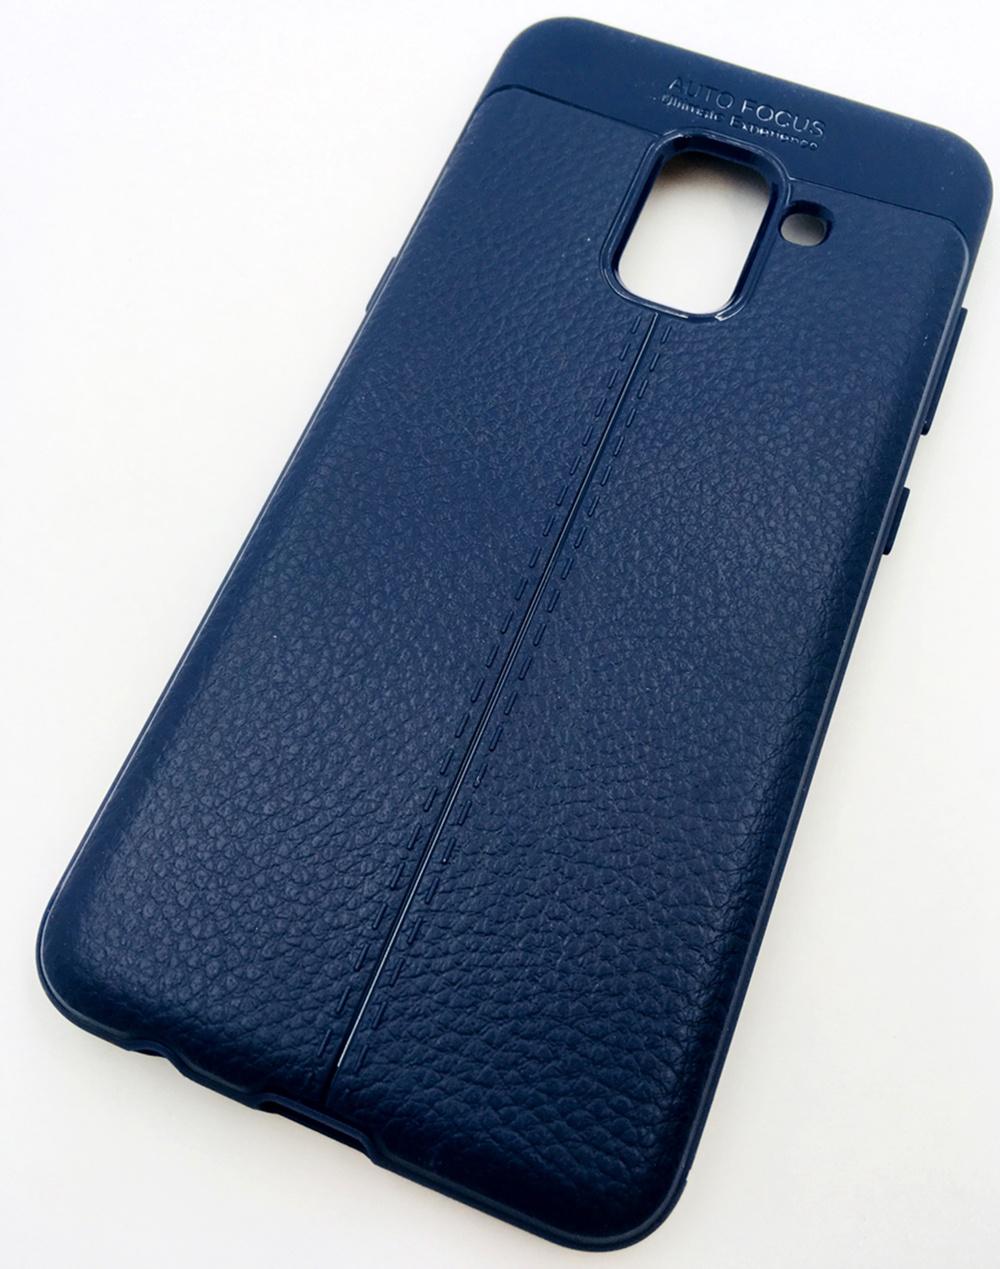 Чехол для сотового телефона Мобильная мода Samsung A8 2018 Накладка силиконовая, структура кожи, 13791, синий